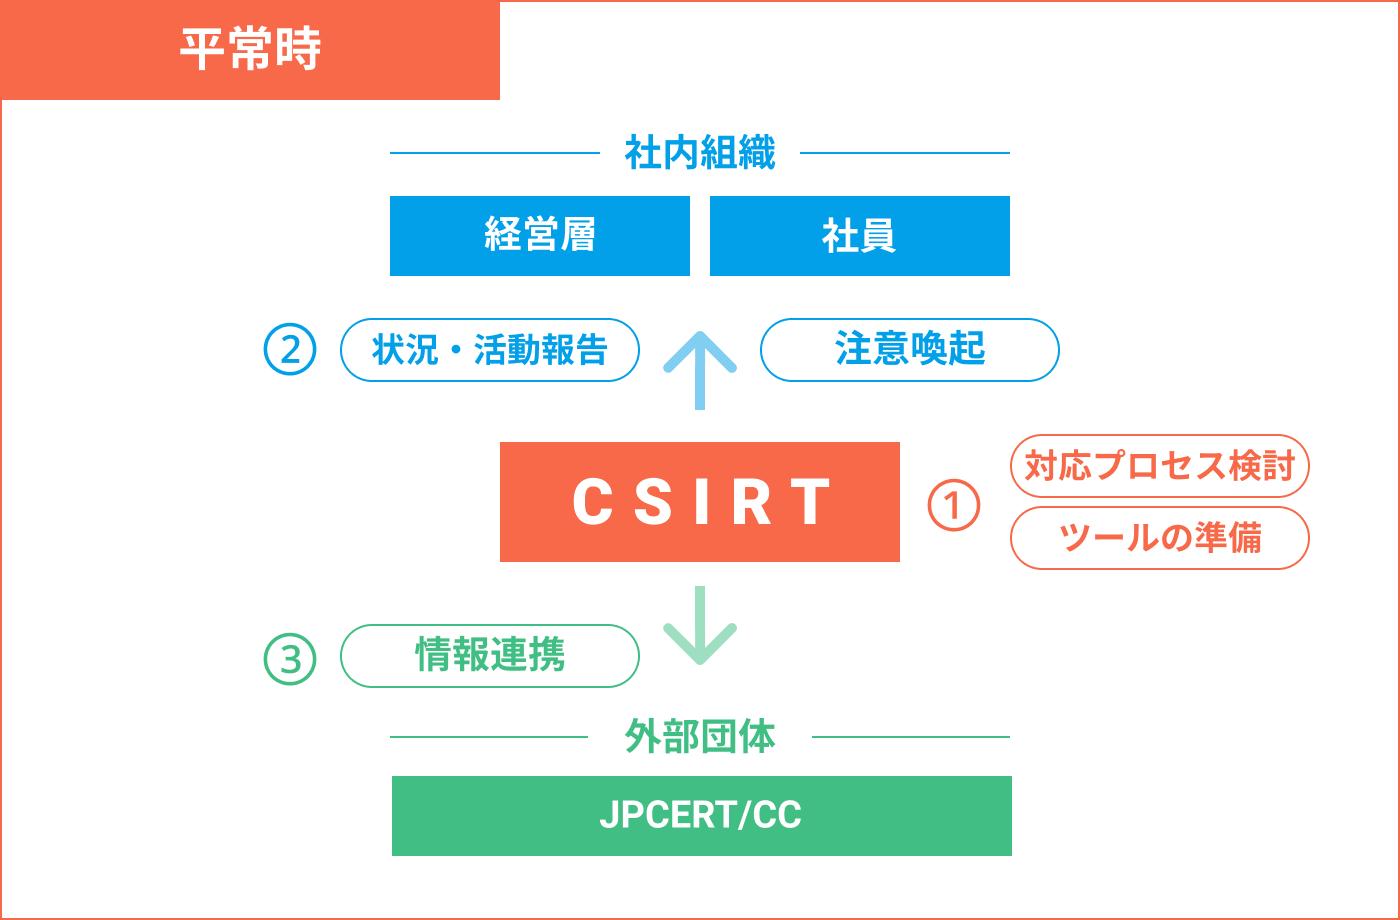 sec_topics_csirt_1.png